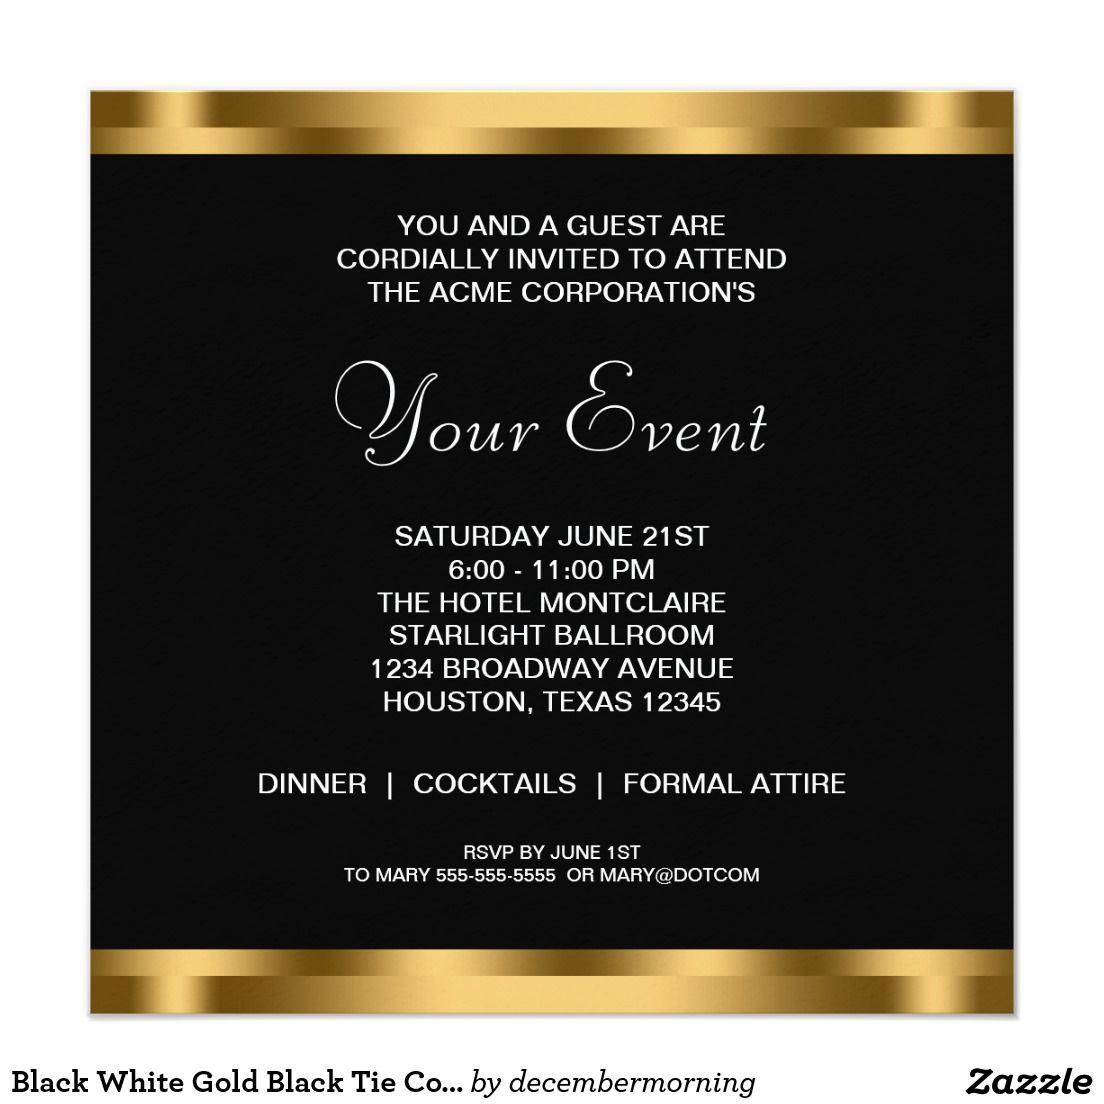 Black White Gold Black Tie Corporate Party Invitation Zazzle Com